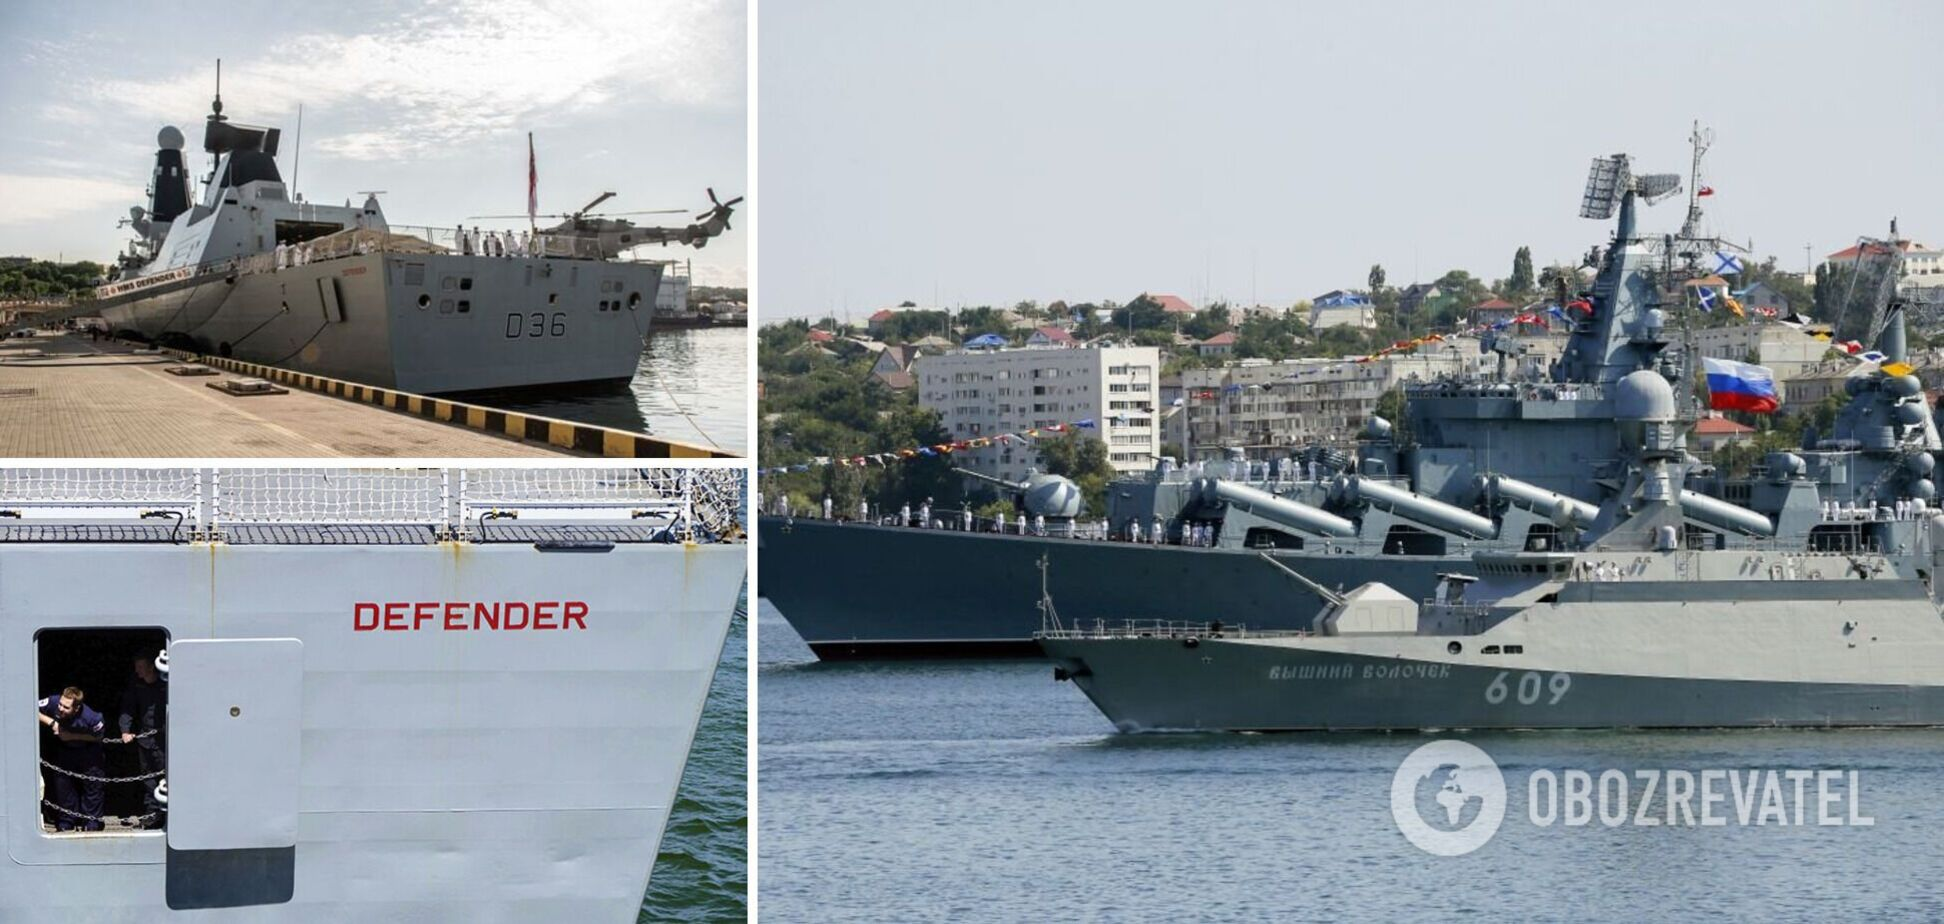 Минобороны Британии – об инциденте в Черном море: выстрелов не производилось